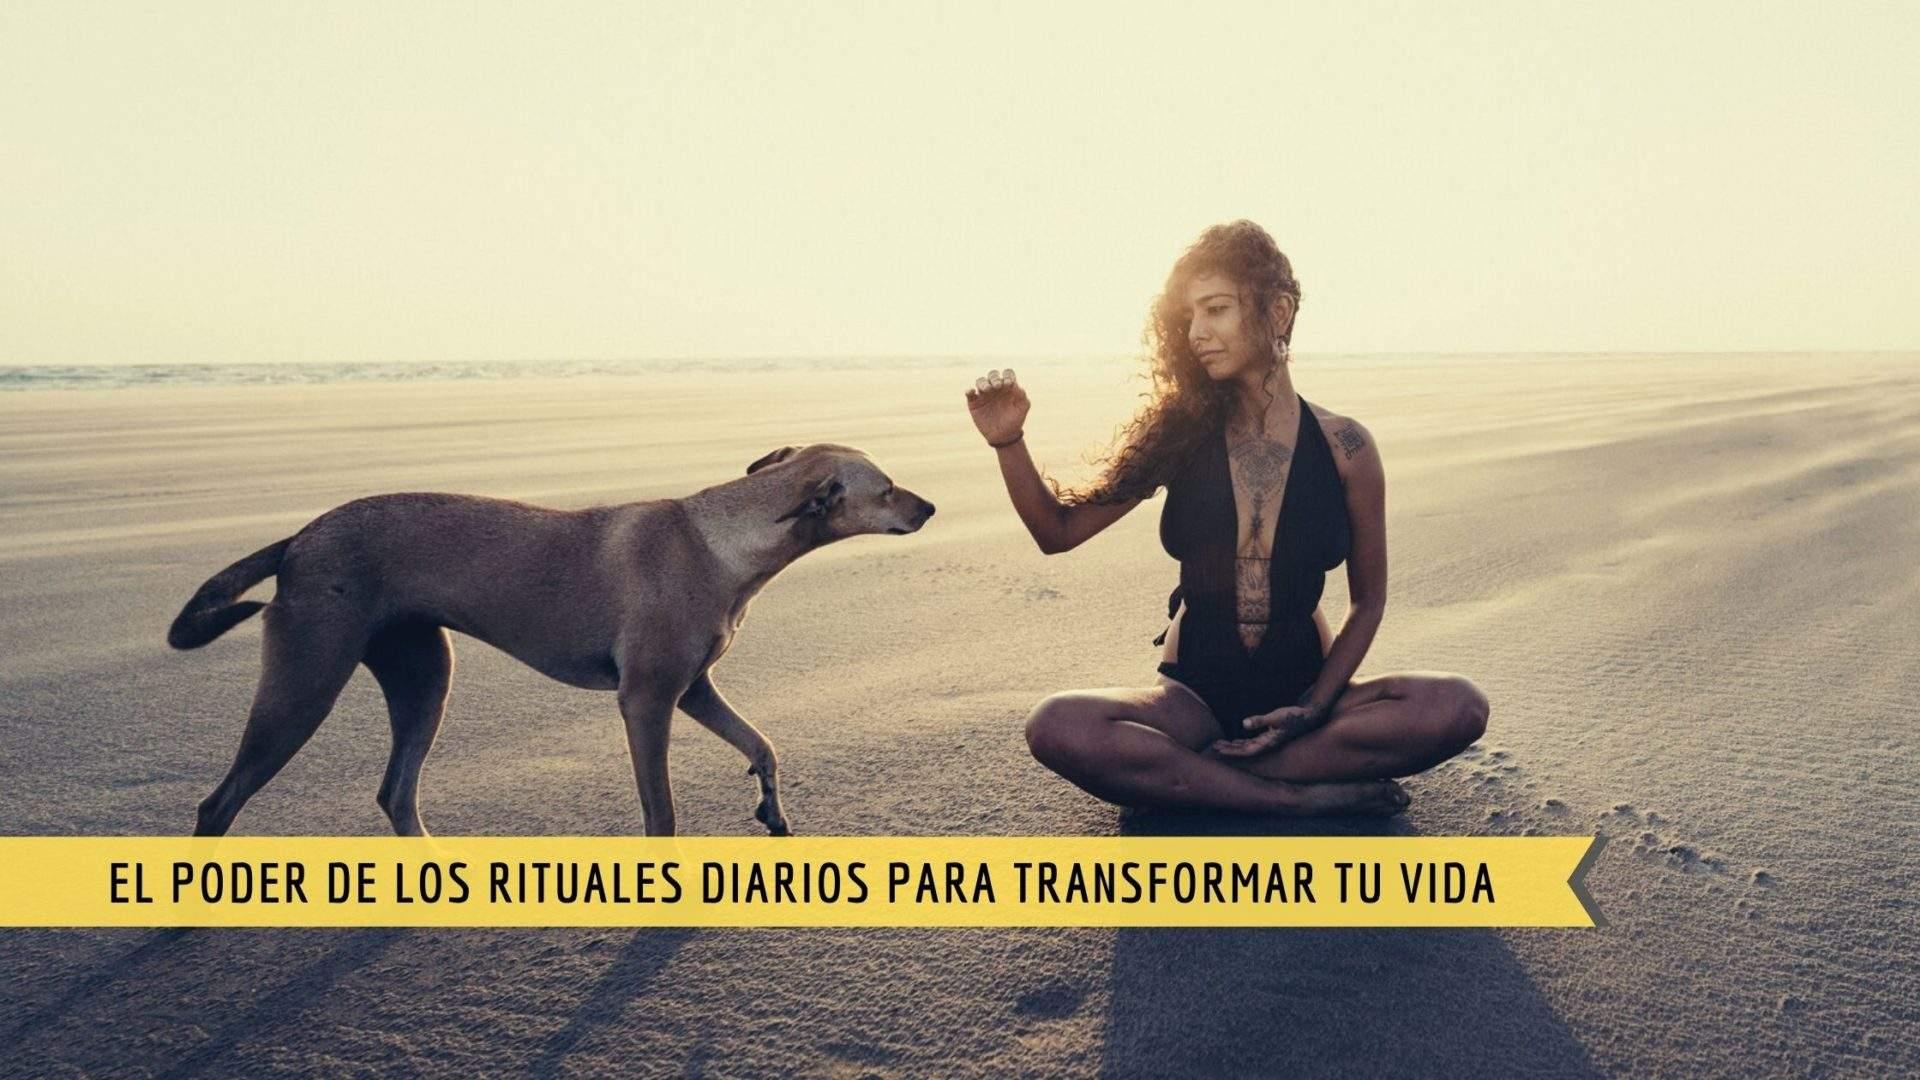 El poder del ritual o cómo convertir las actividades cotidianas en prácticas conmovedoras 1